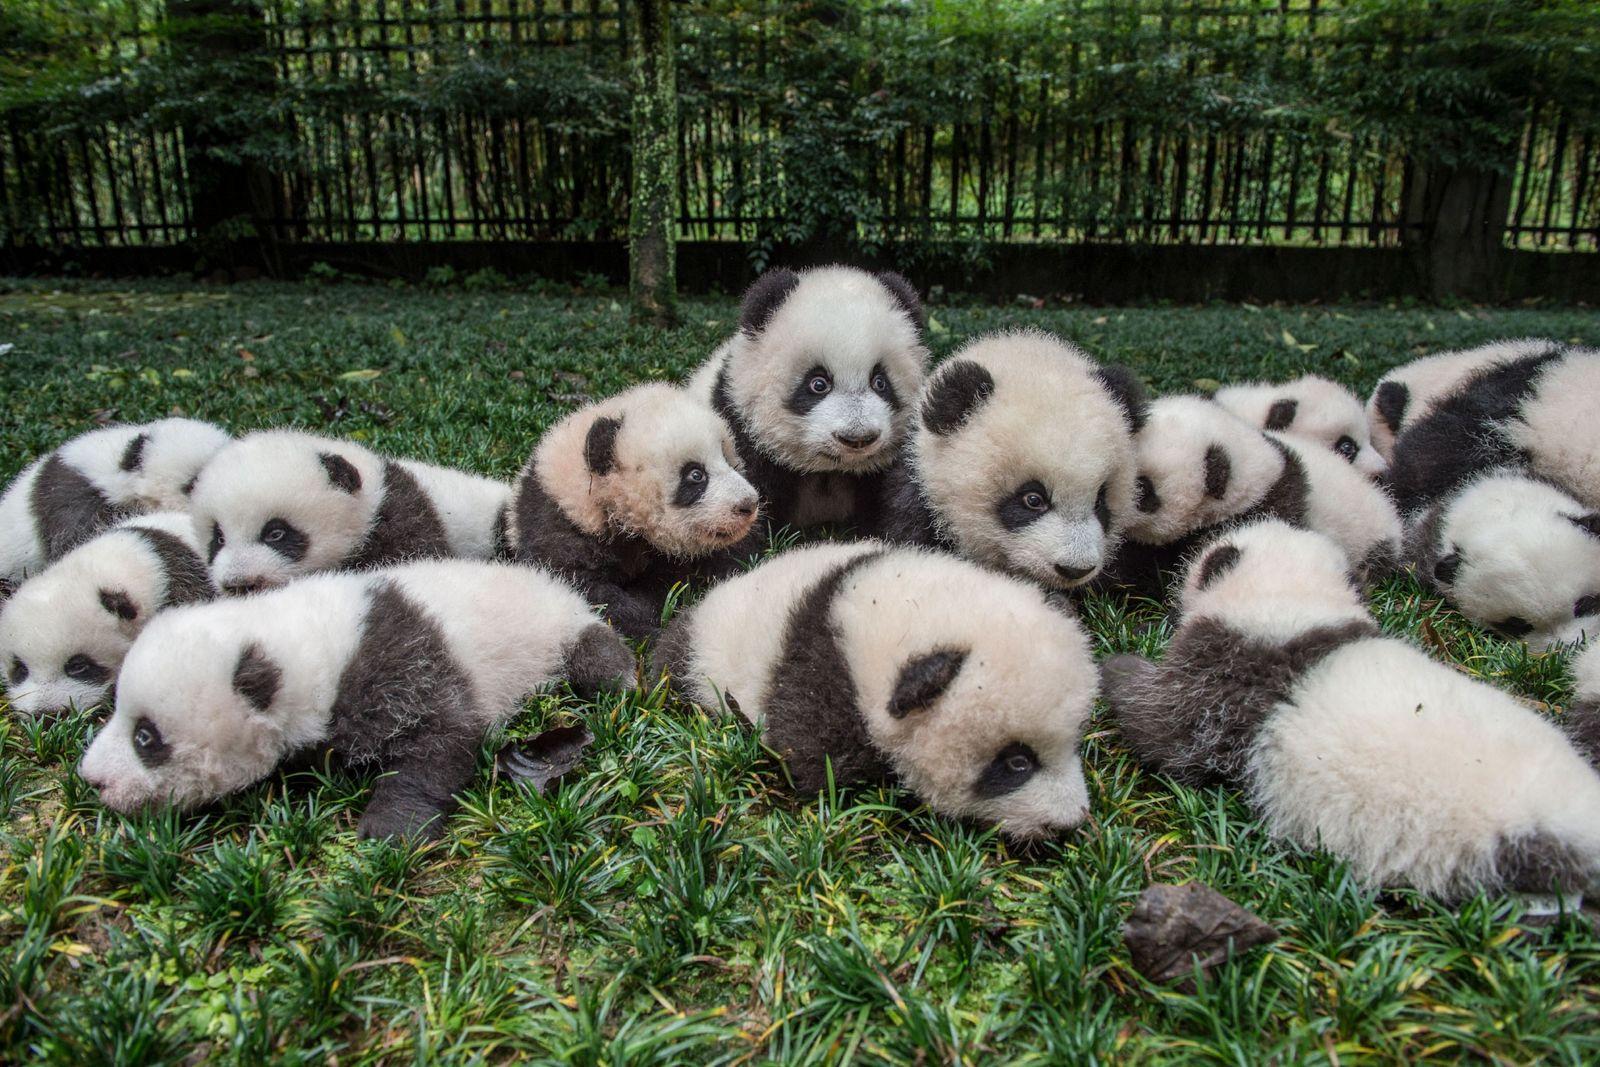 Eine Gruppe von Riesenpanda-Jungtieren, die in der Zucht- und Forschungseinrichtung Bifengxia in der Provinz Sichuan, China, ...